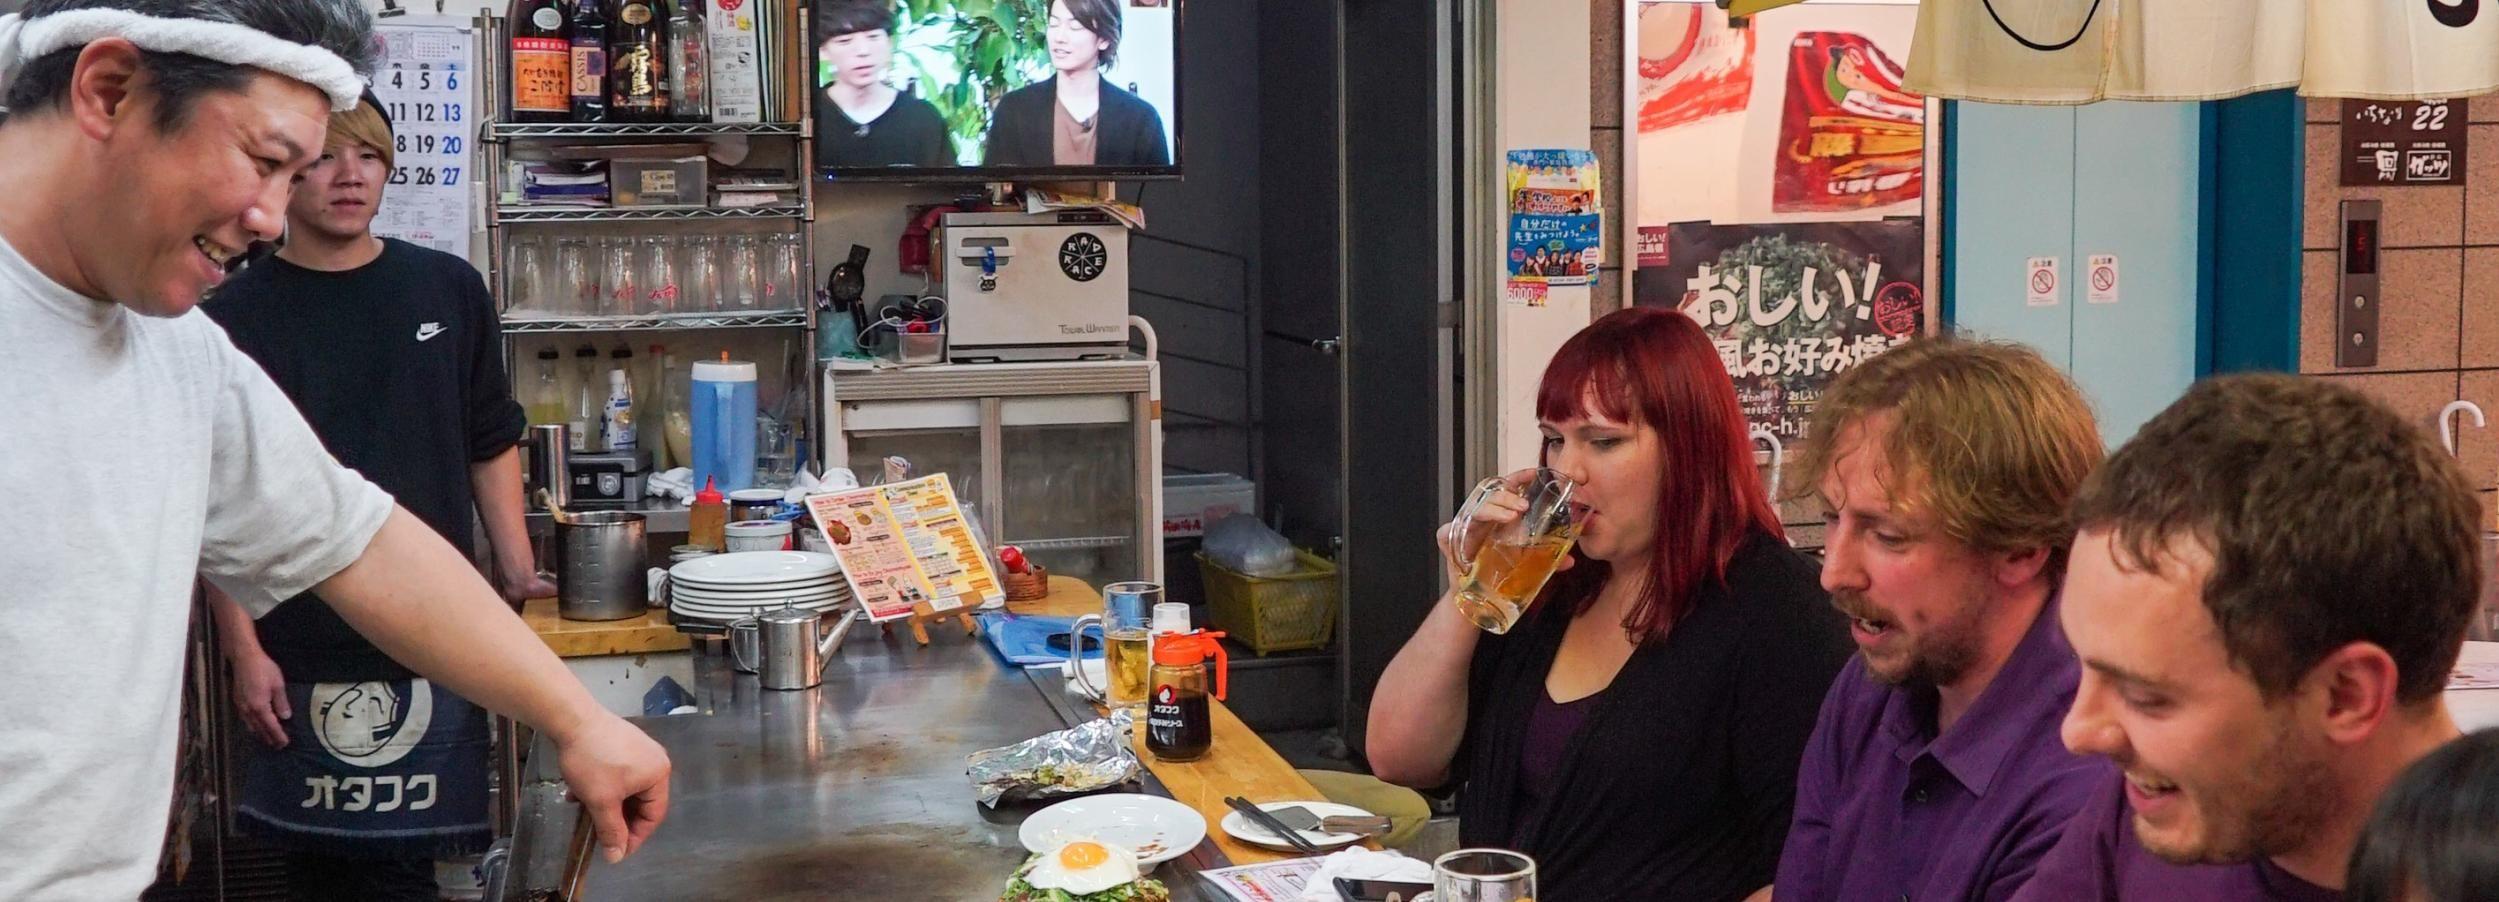 Hiroshima: recorrido gastronómico por el bar